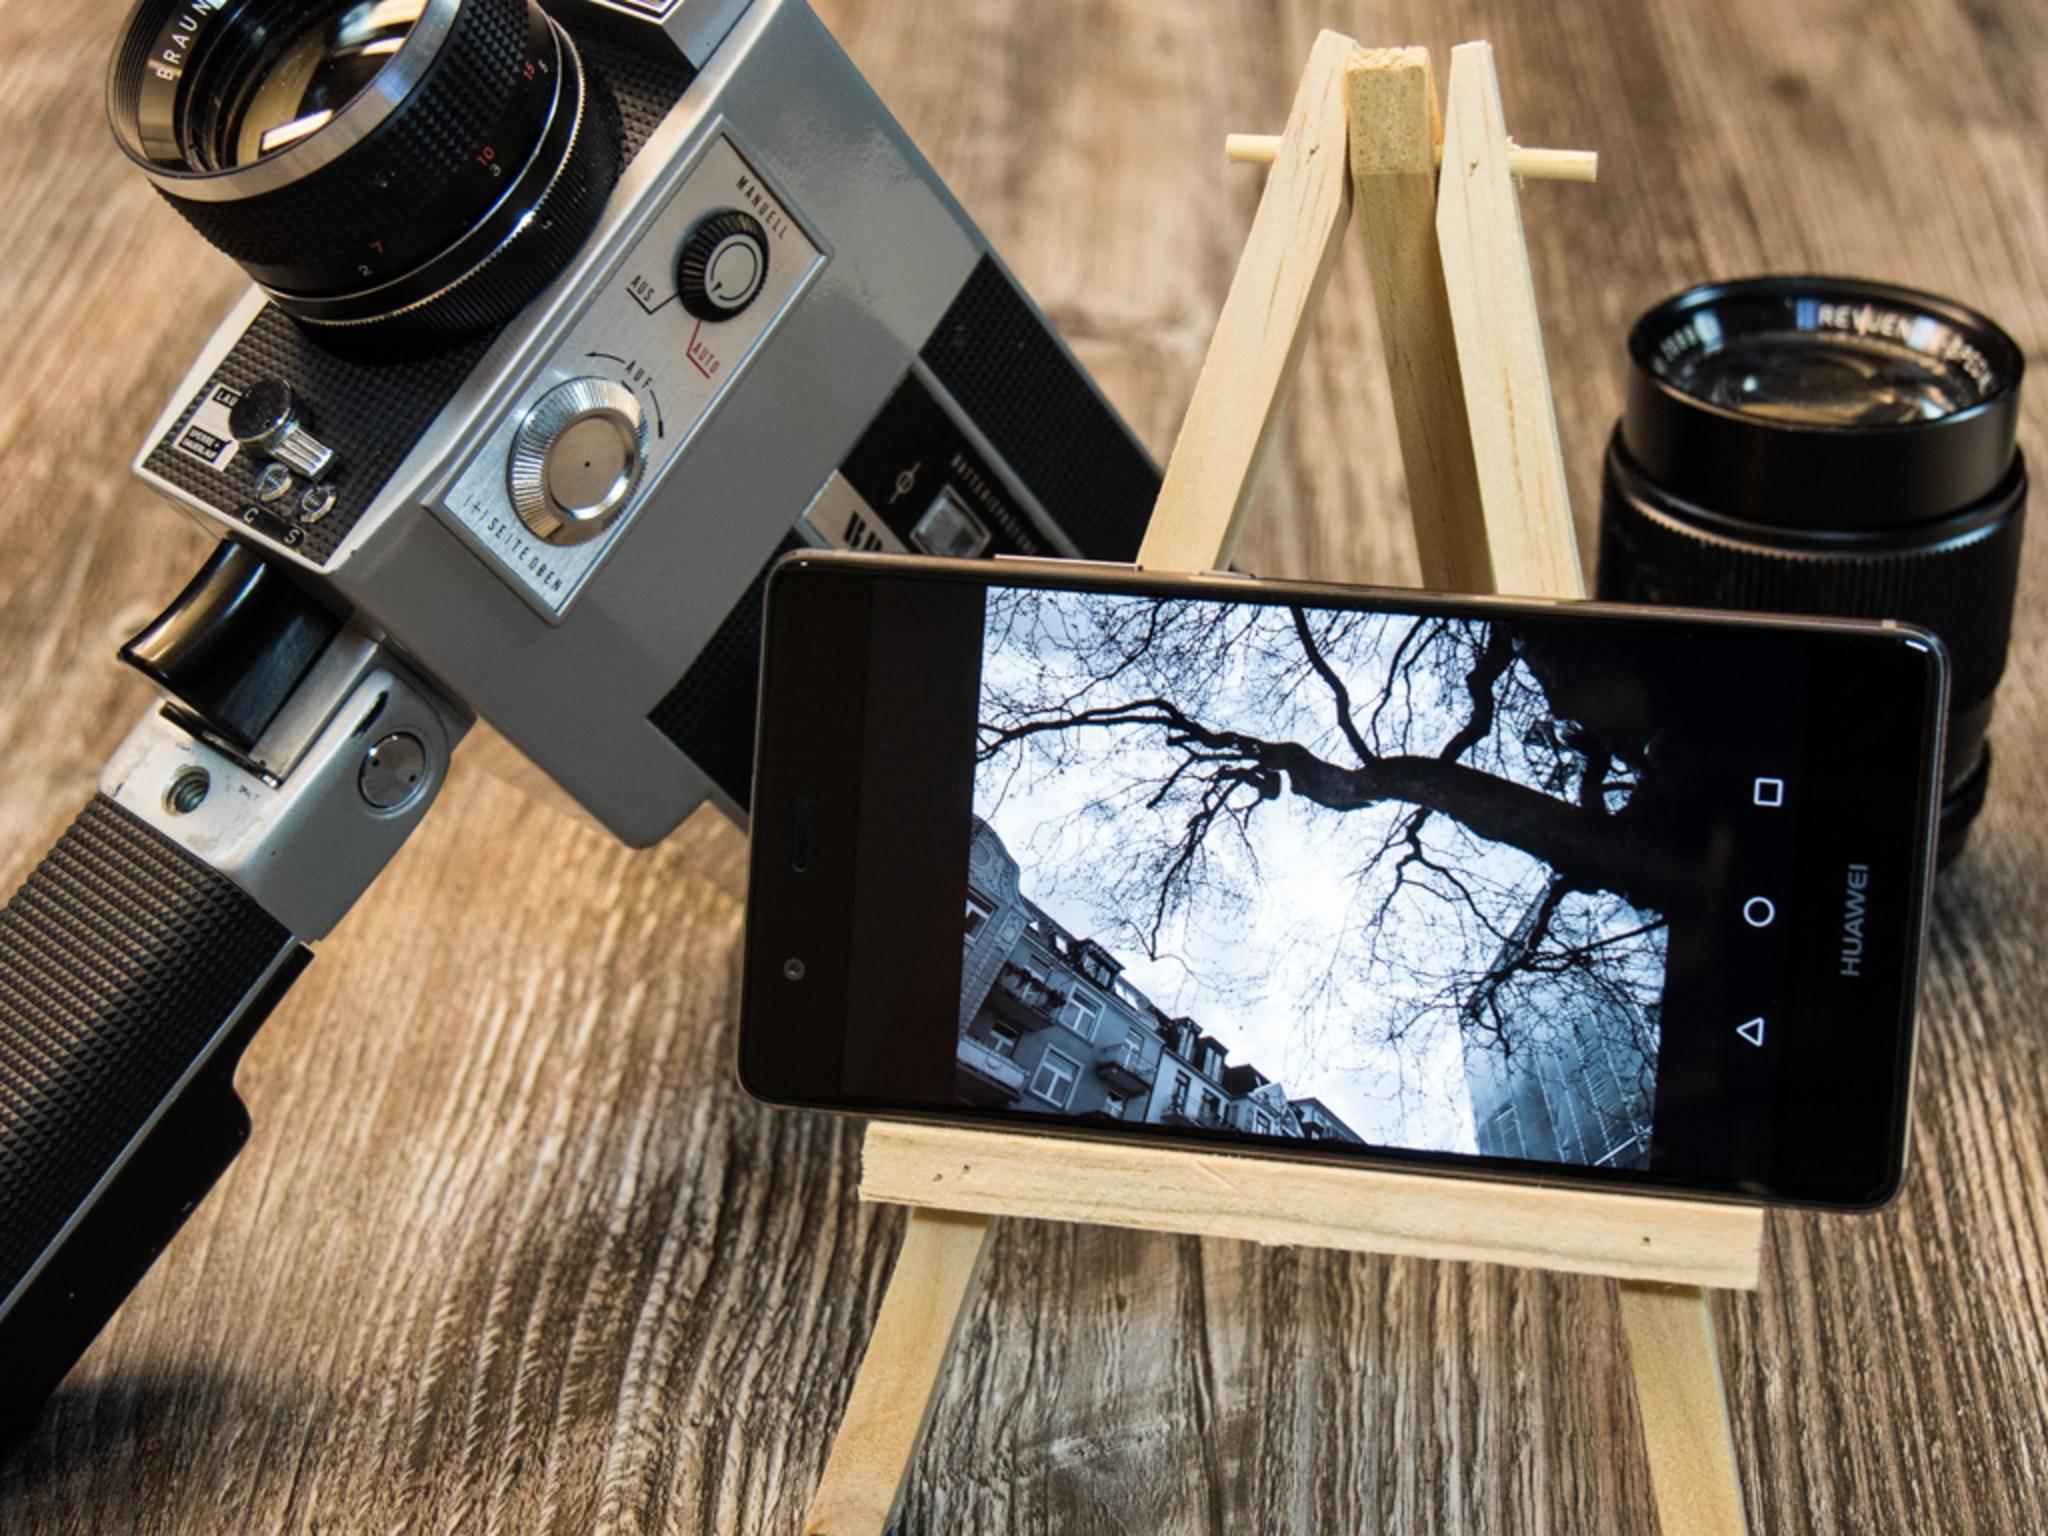 Das Huawei P9 wirbt mit seiner Dual-Kamera und Leica-Beteiligung.